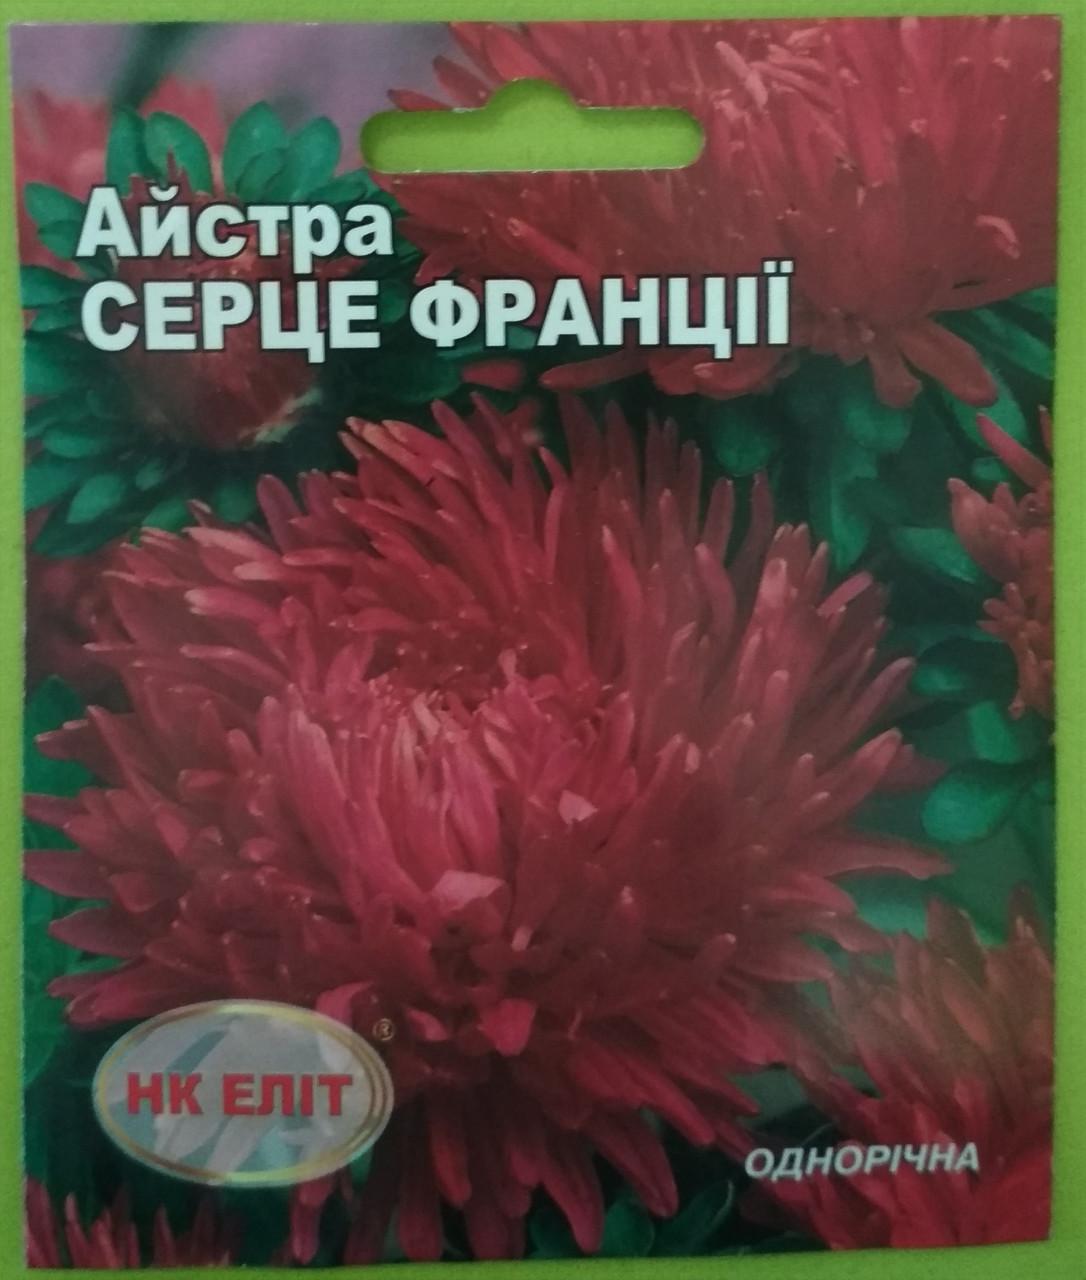 Насіння квітів 0,3 гр Астра Серце Франції НК Еліт 6375861